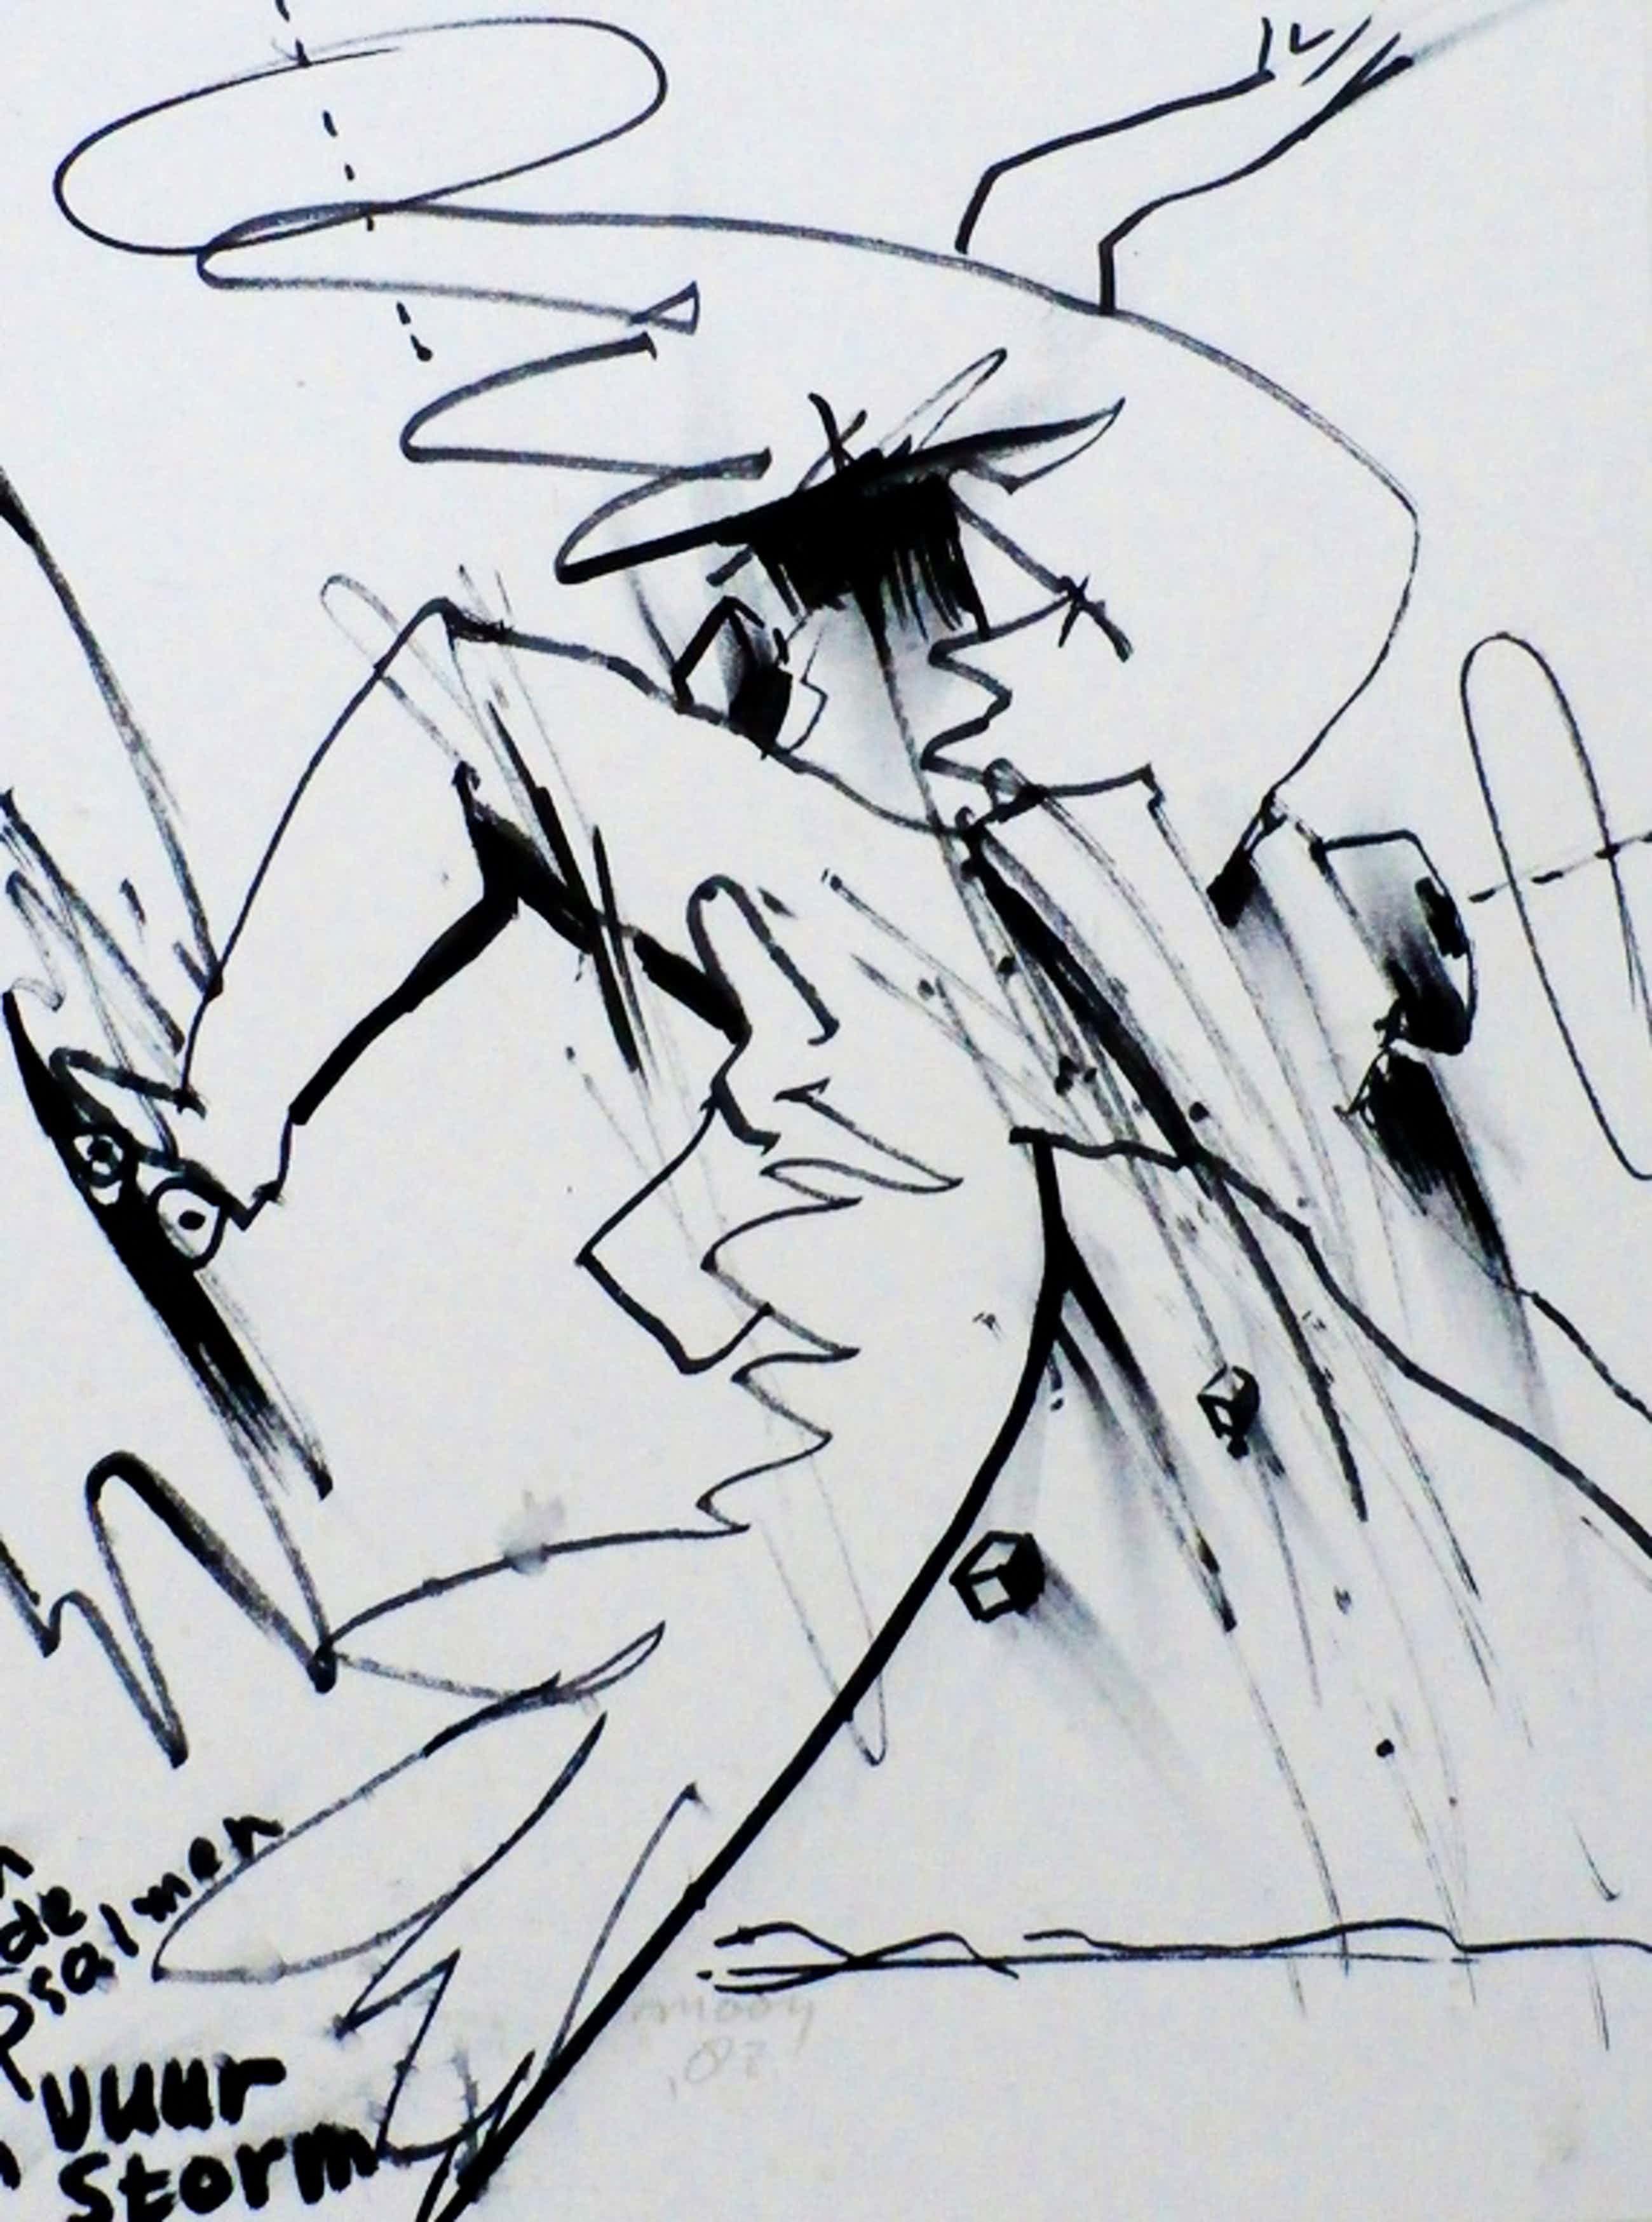 Jaap Mooy - tekening: Figuur met tekst - 1982 kopen? Bied vanaf 180!